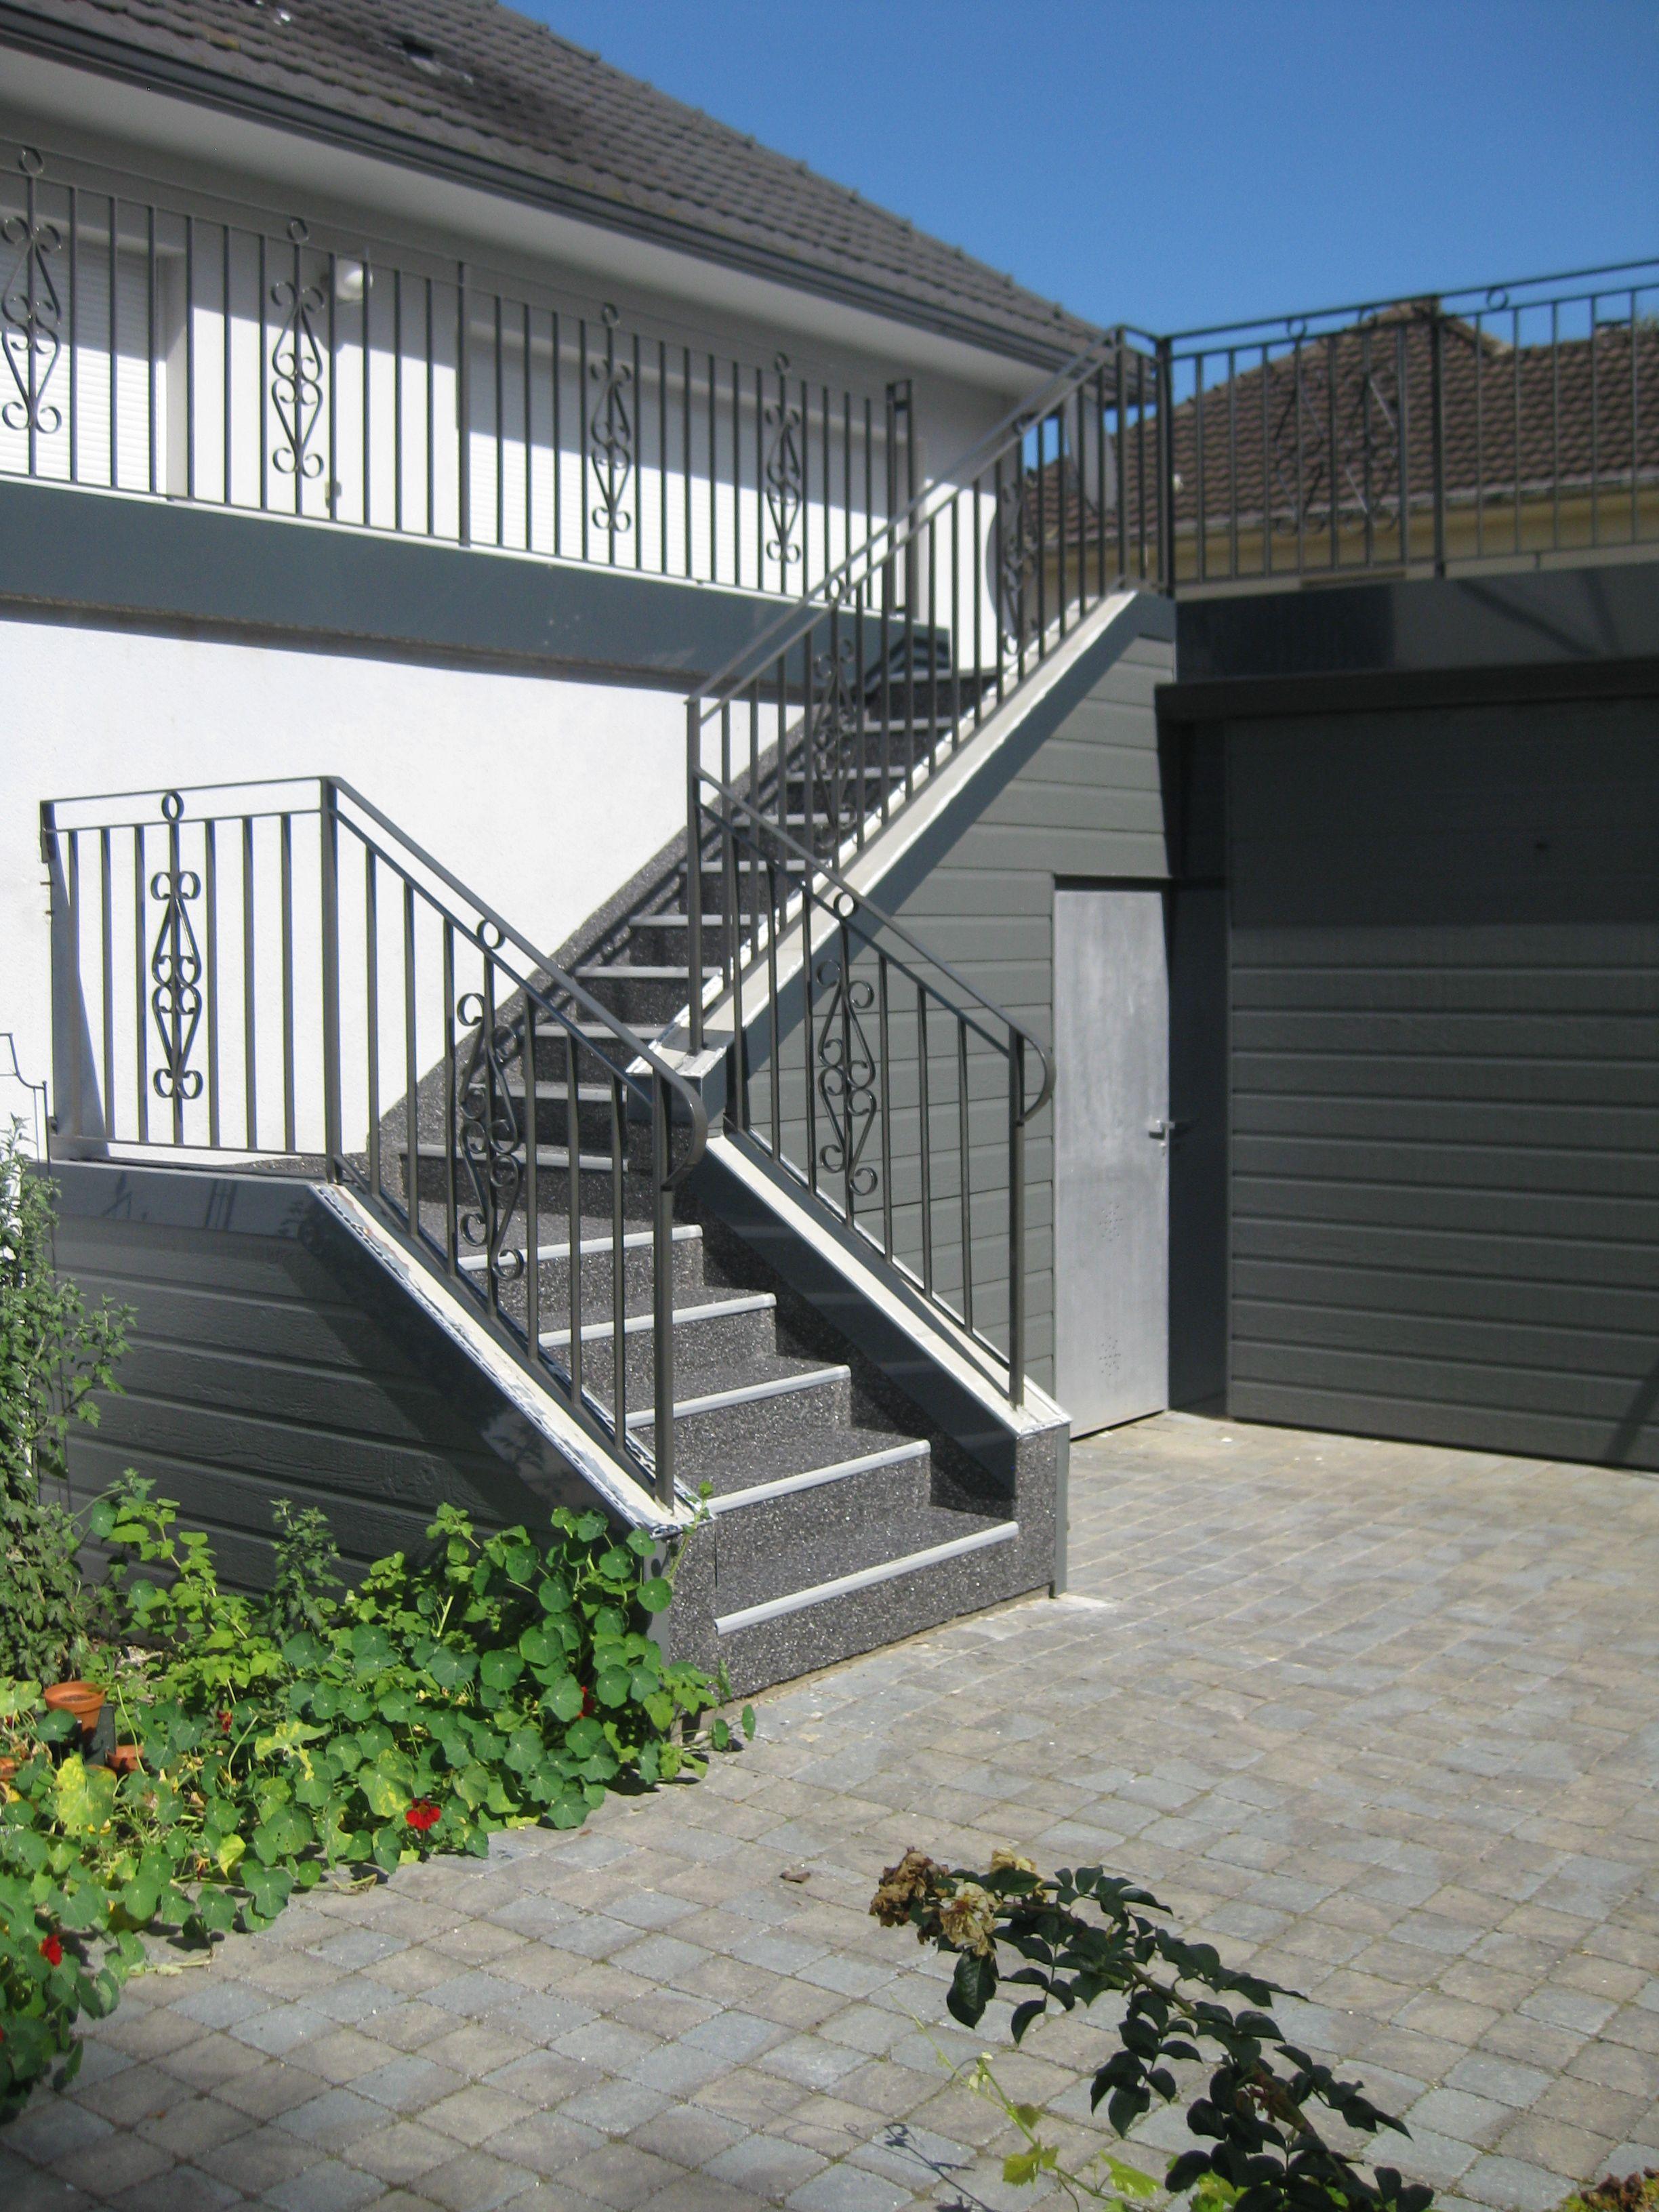 Floor Granideco Est Un Revetement Drainant Ideal Pour La Renovation Des Escaliers Abcolor Floorcolor Resine Escalier Exterieur Renover Escalier Resine Sol